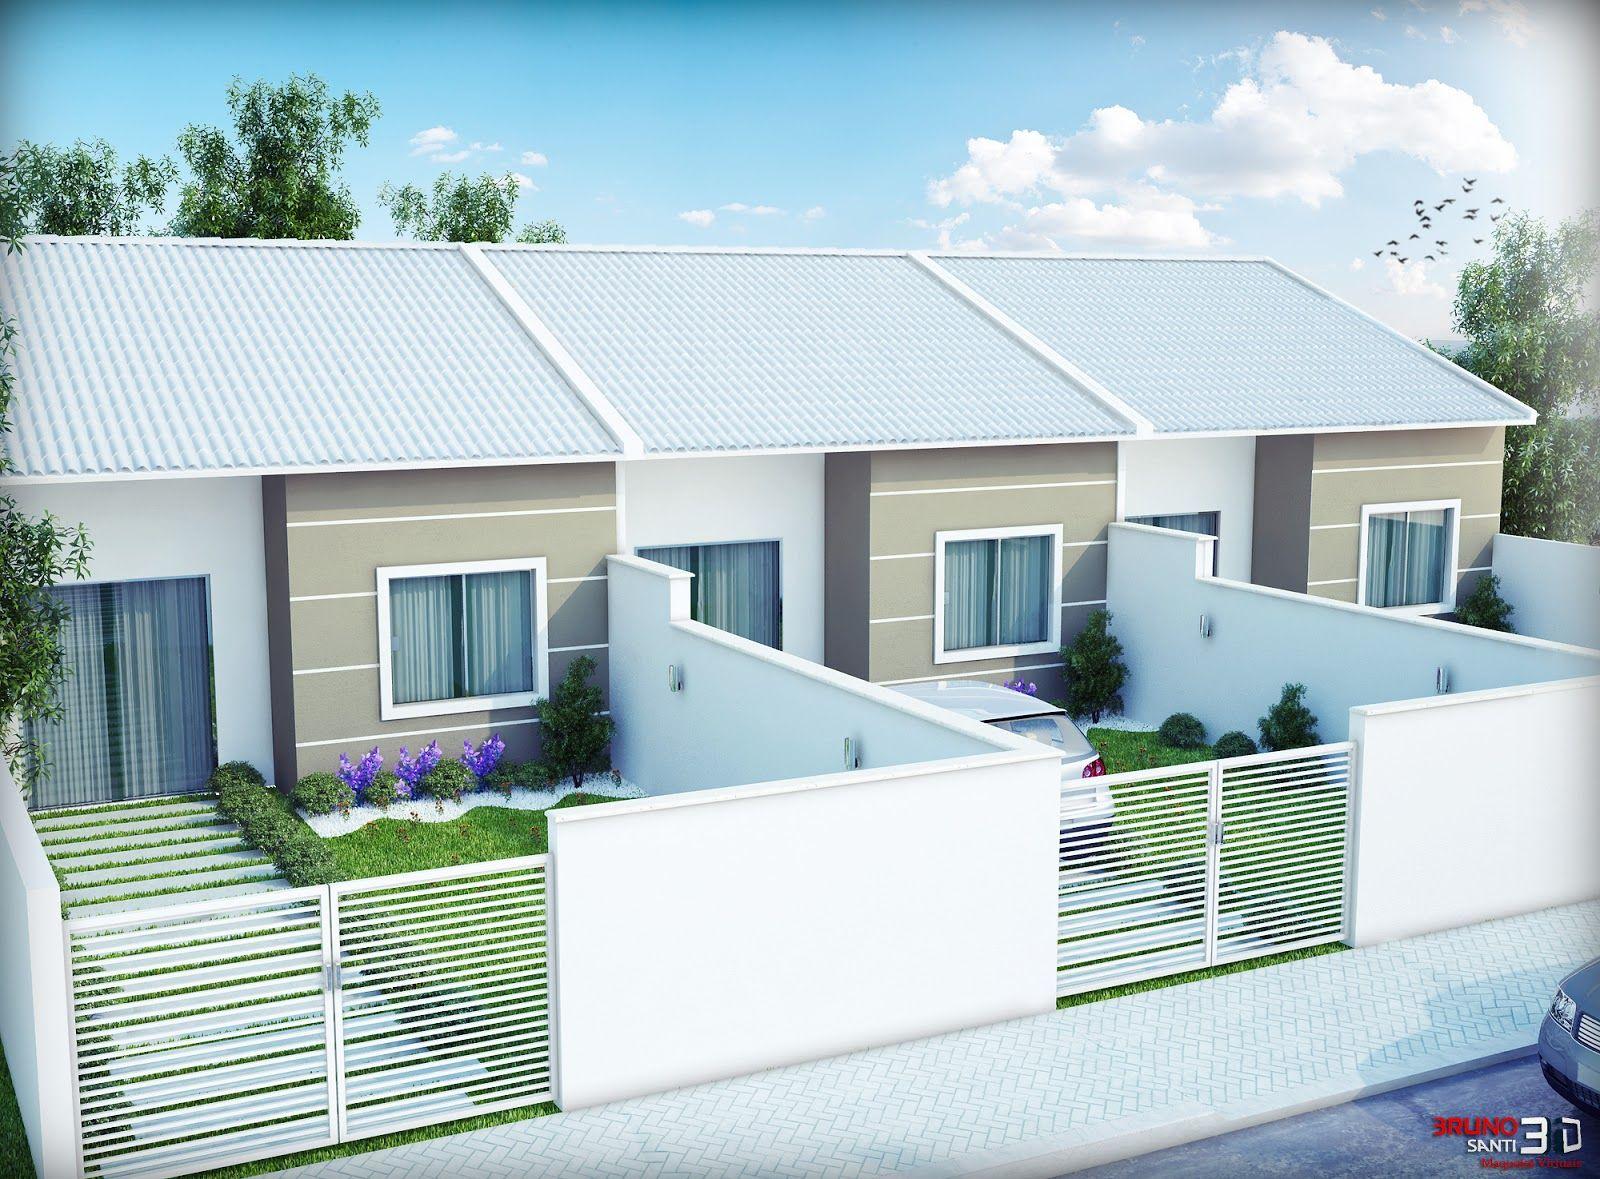 Maquete eletronica bruno santi 3d casas geminadas for Fachadas de casas modernas de 2 quartos